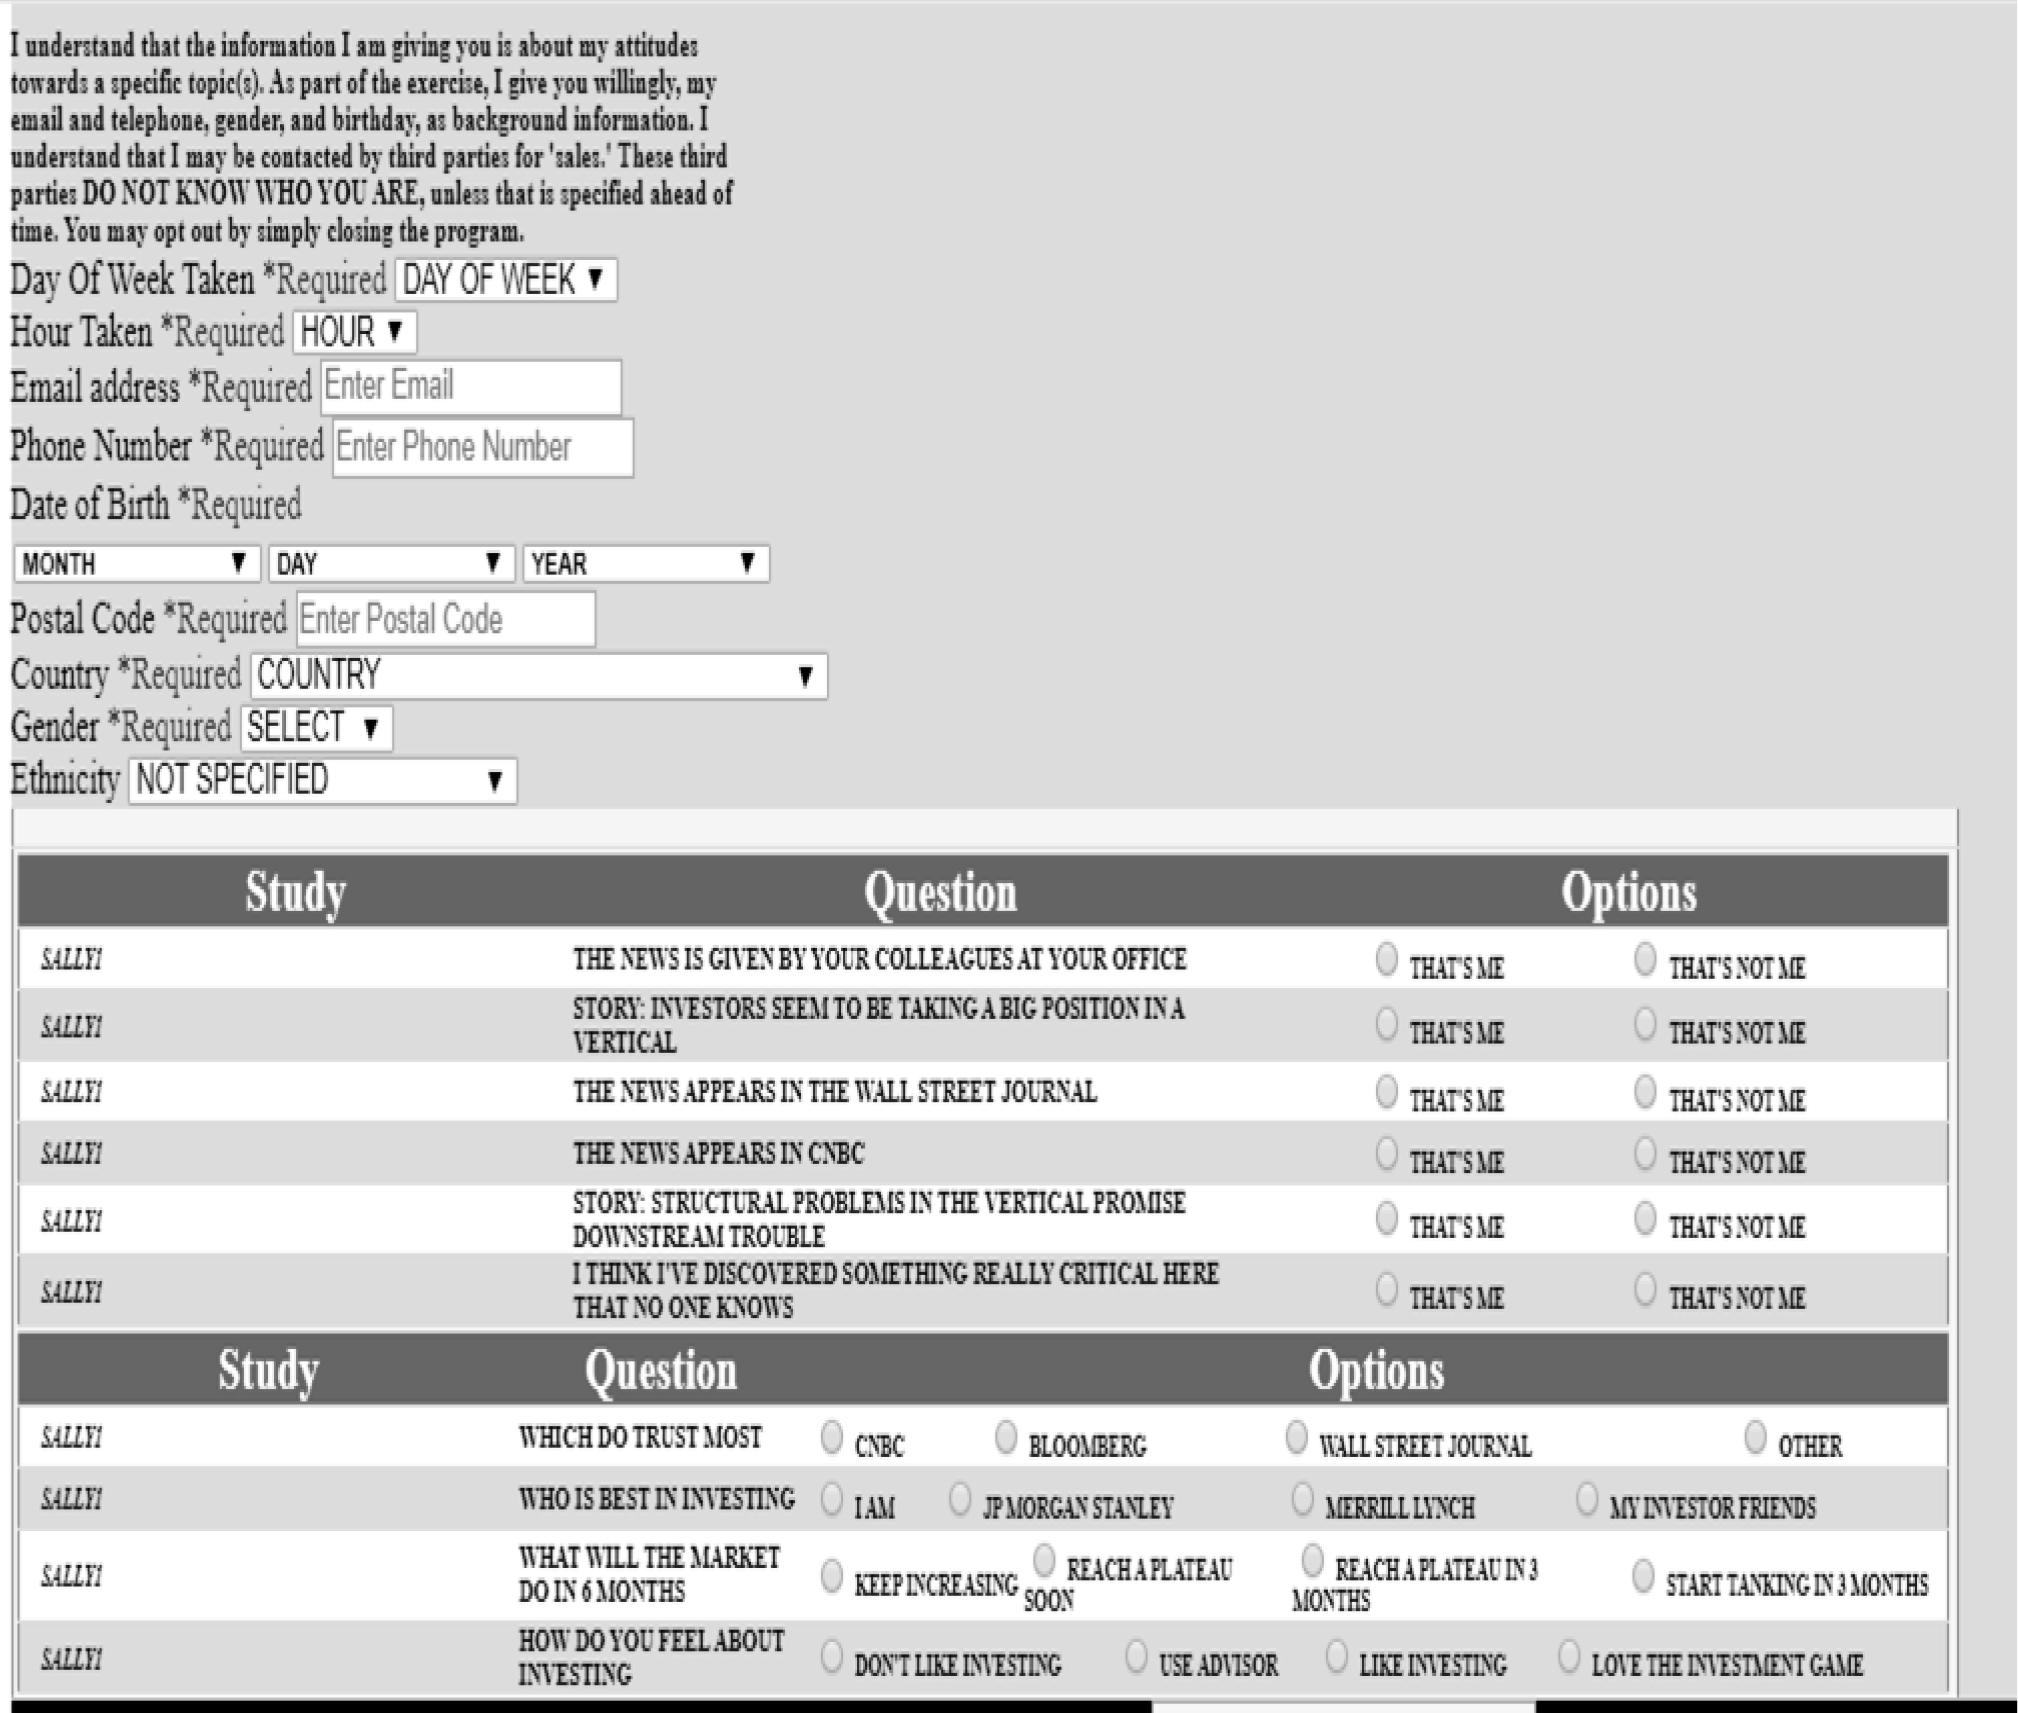 MIND GENOMICS-033_ASMHS_F2